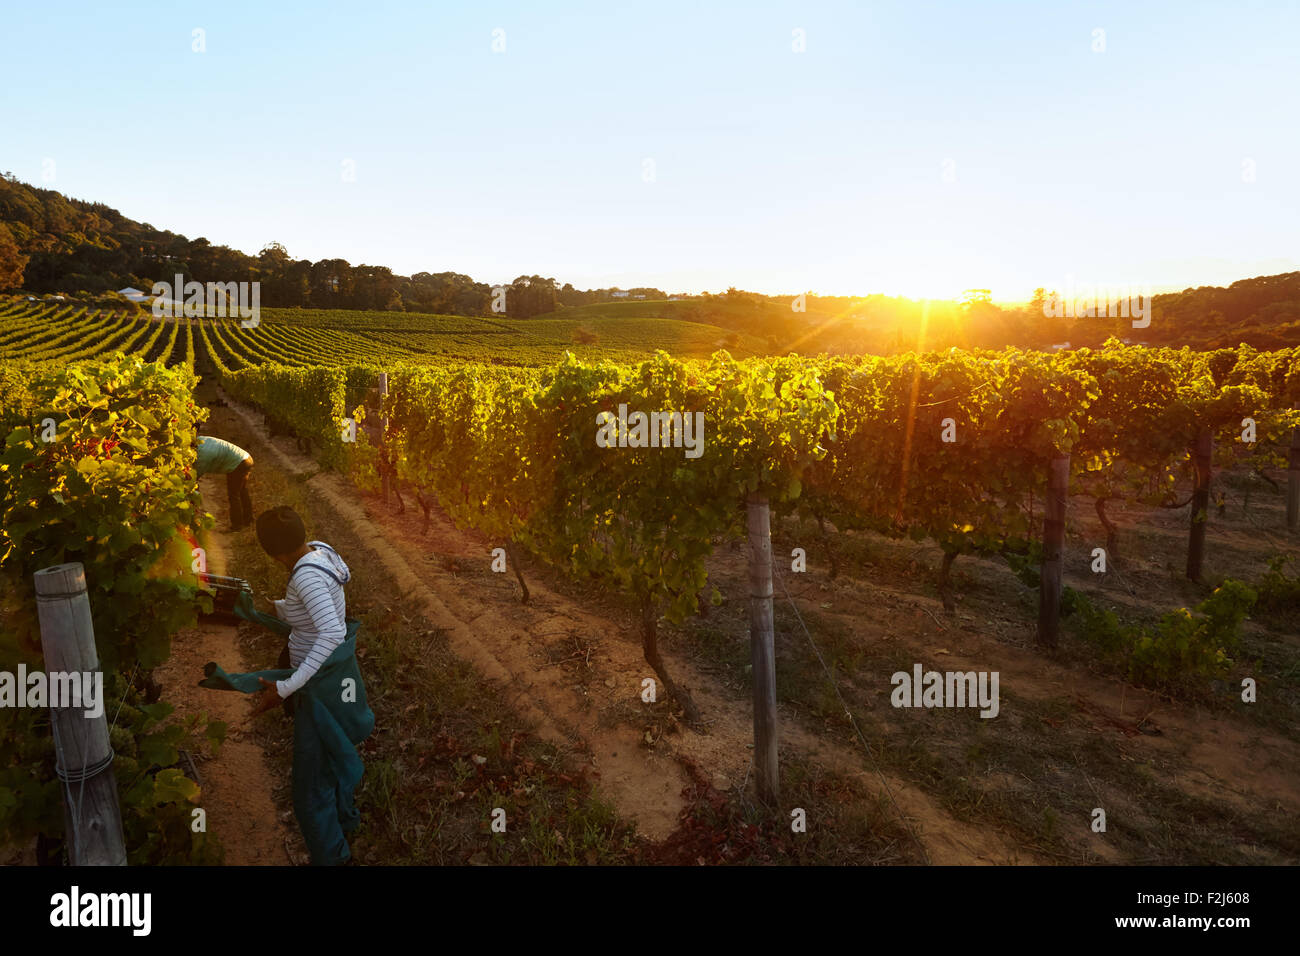 Fila di vigne con lavoratori che lavorano in azienda di uva. La gente la raccolta di uve in vigna. Immagini Stock